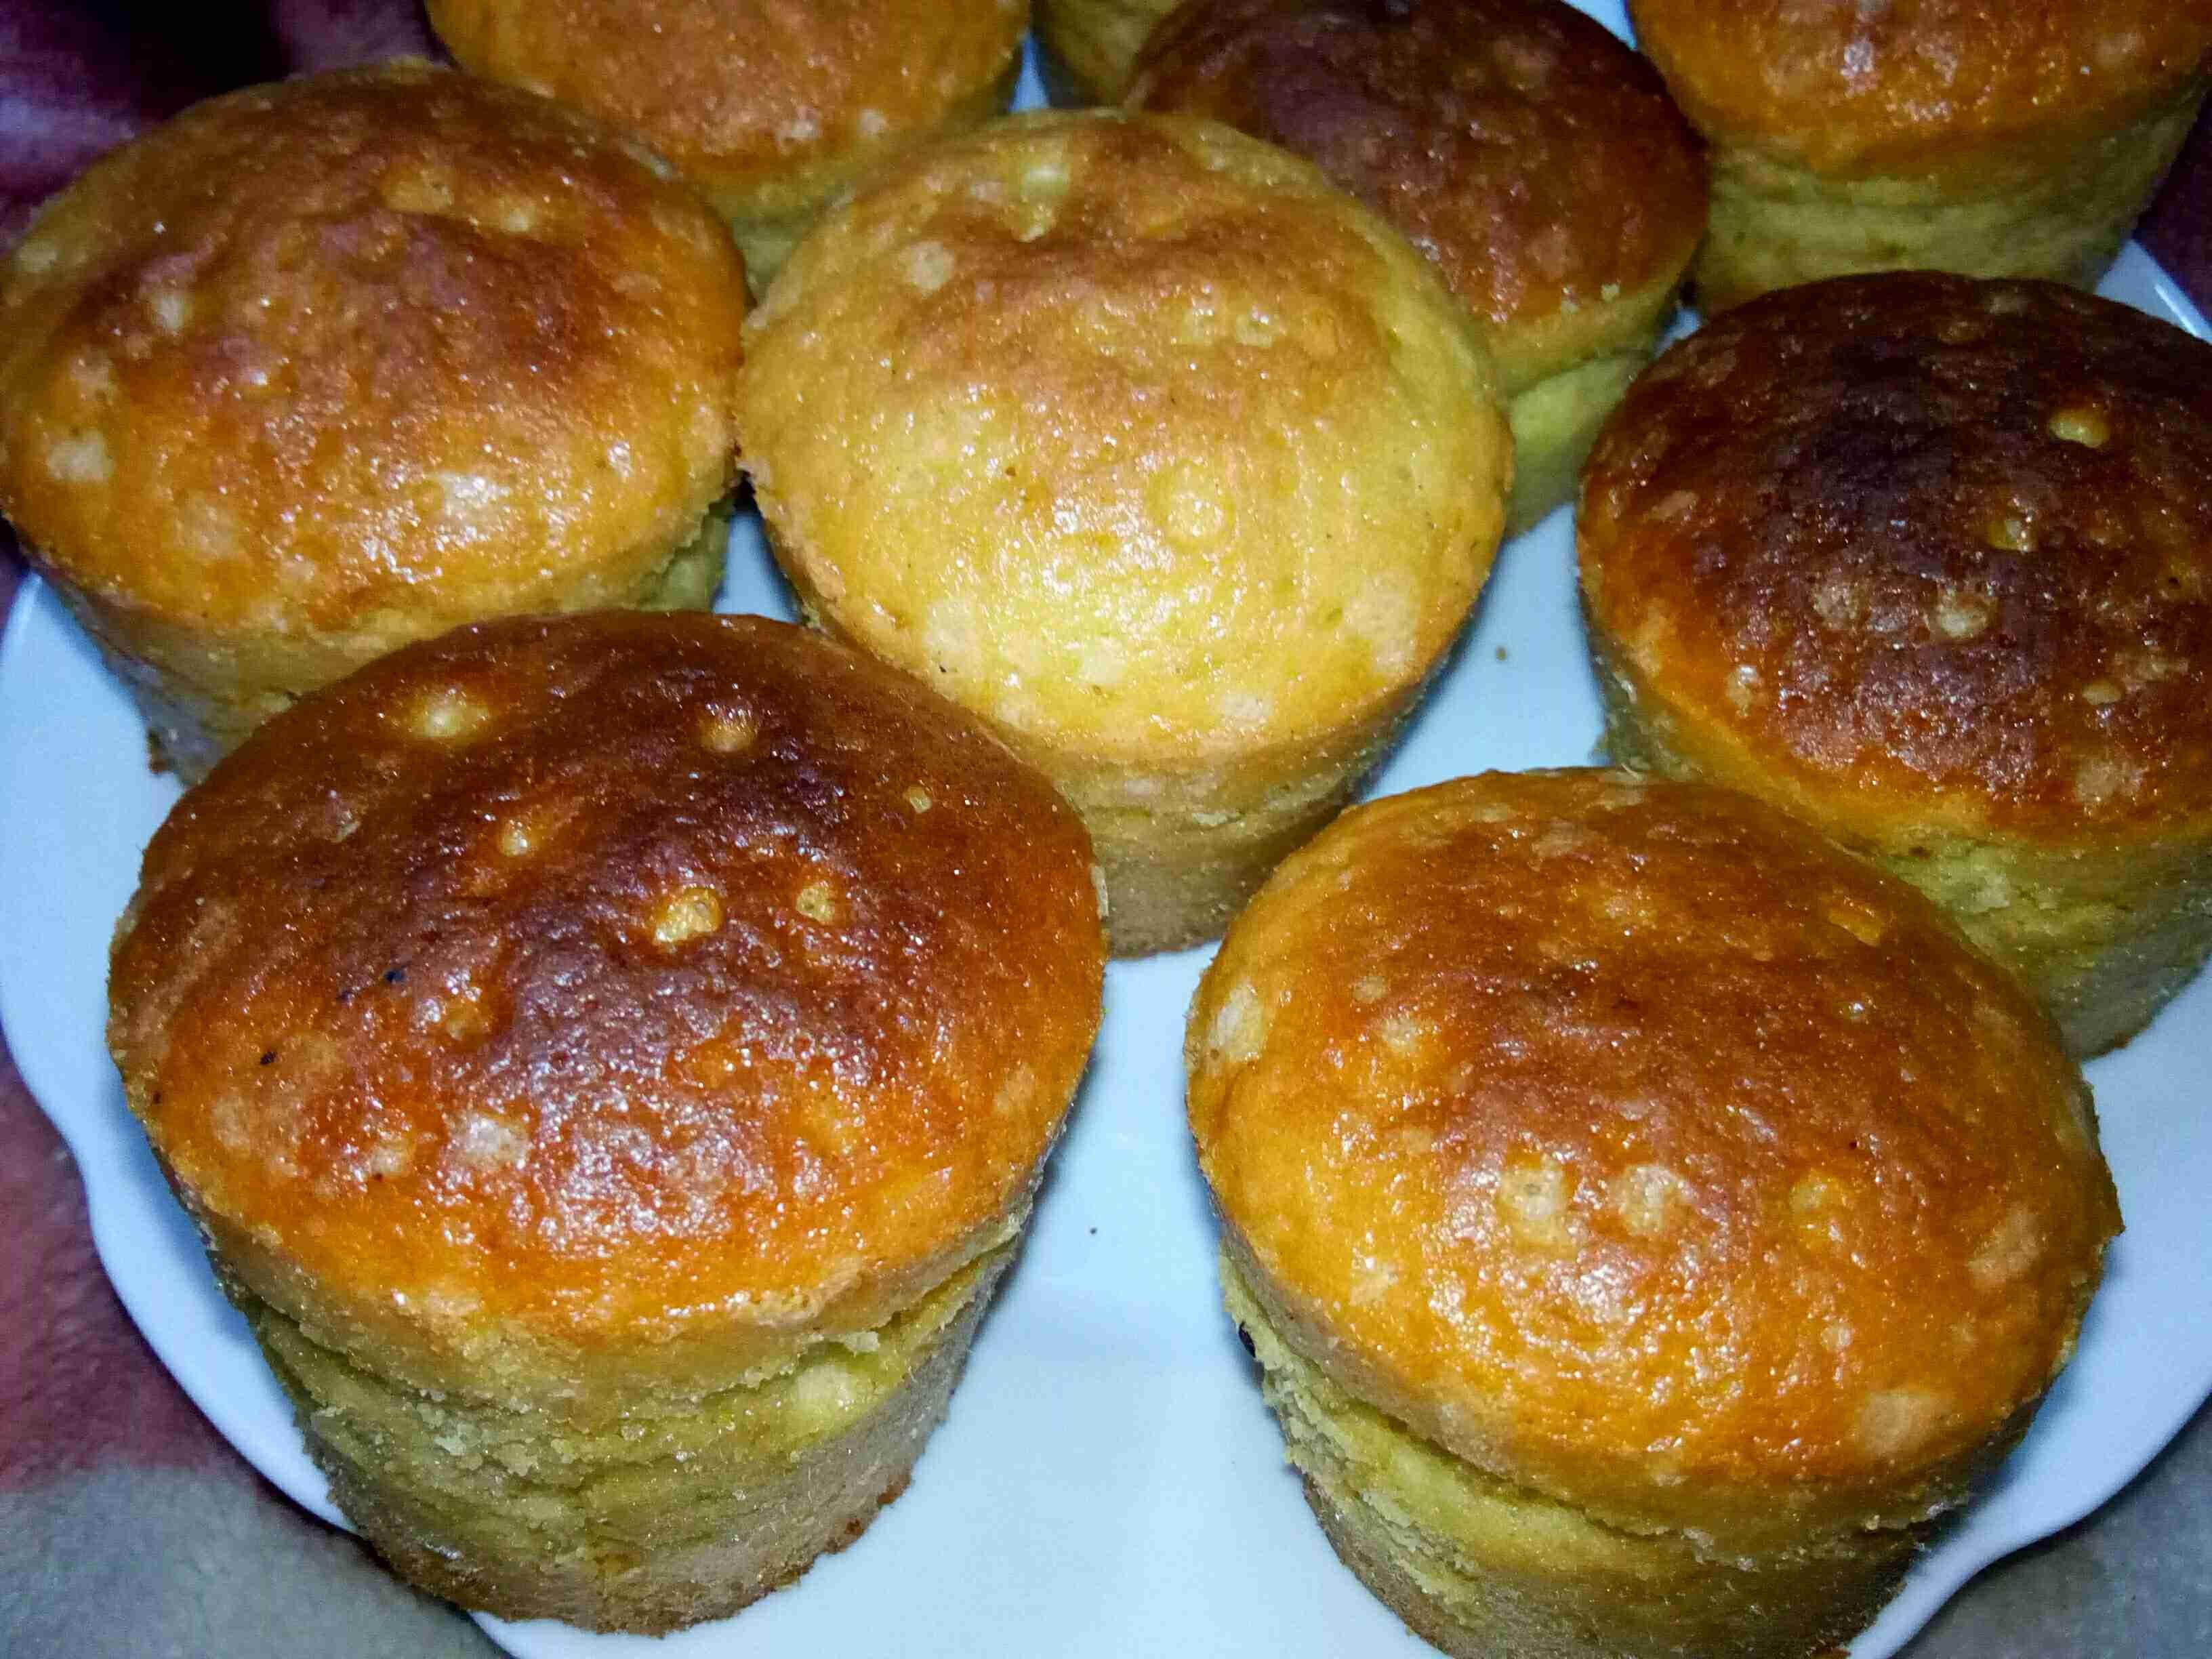 طريقة عمل الكب كيك بدون قوالب الكب كيك بكاسات الكرتون زاكي Food Breakfast Muffin